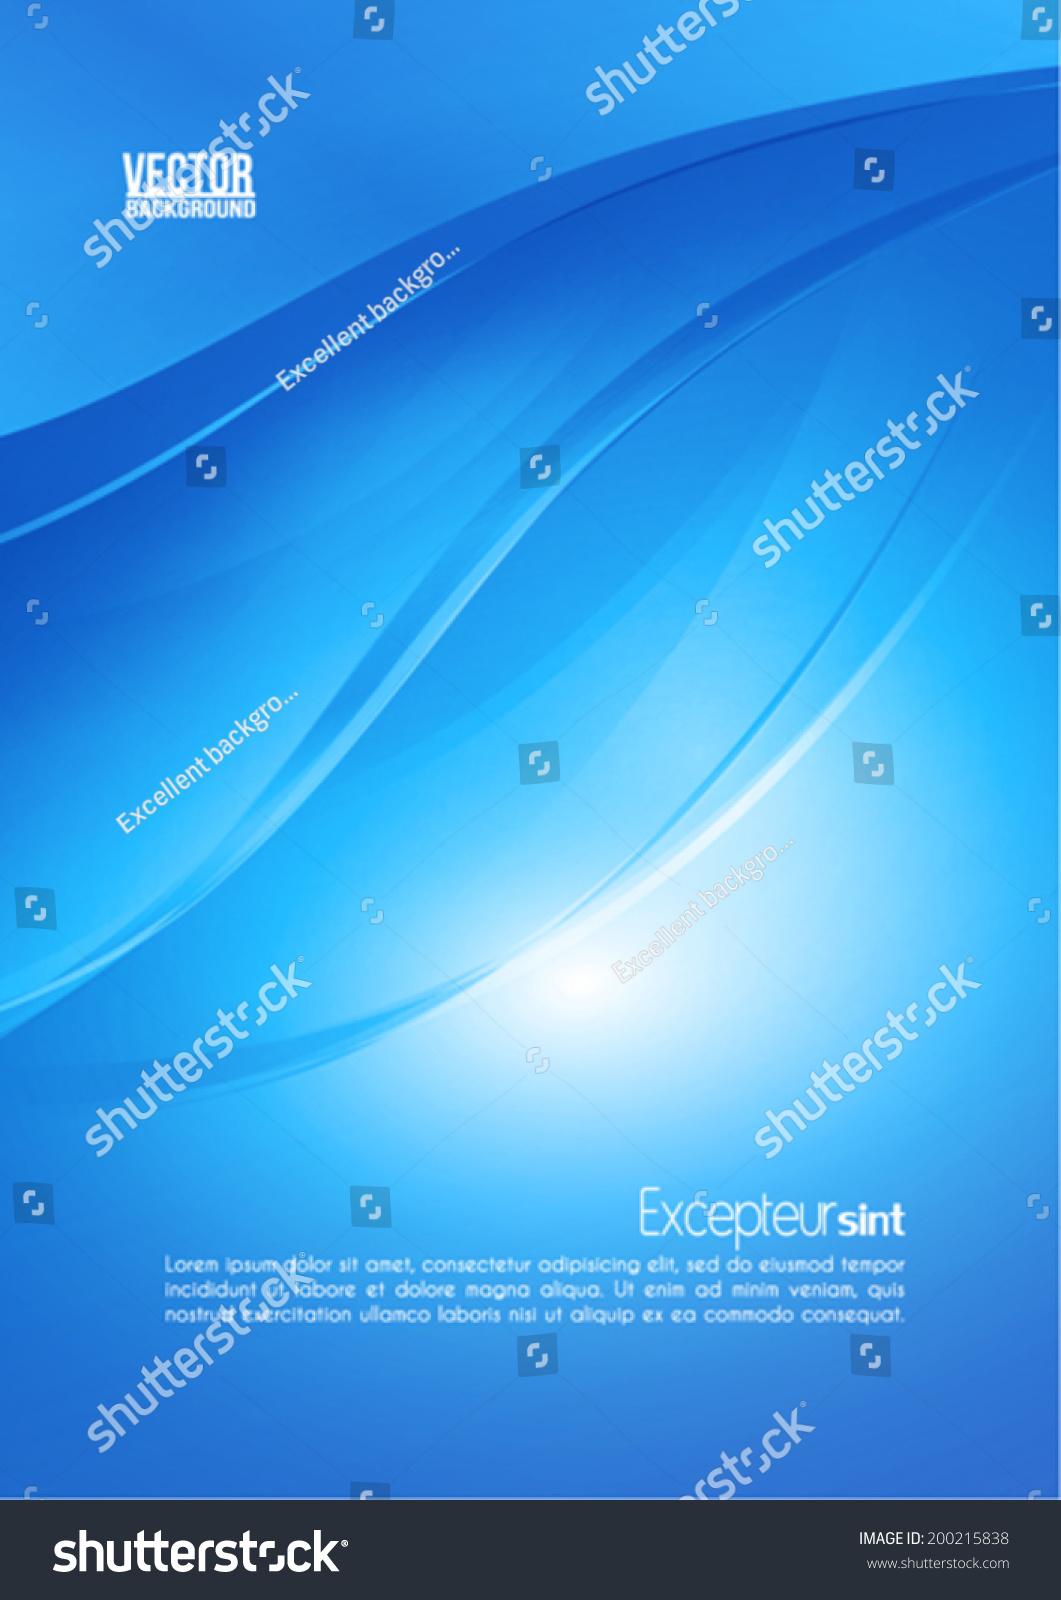 抽象的蓝色背景和灯光效果.向量-背景/素材,抽象-海洛